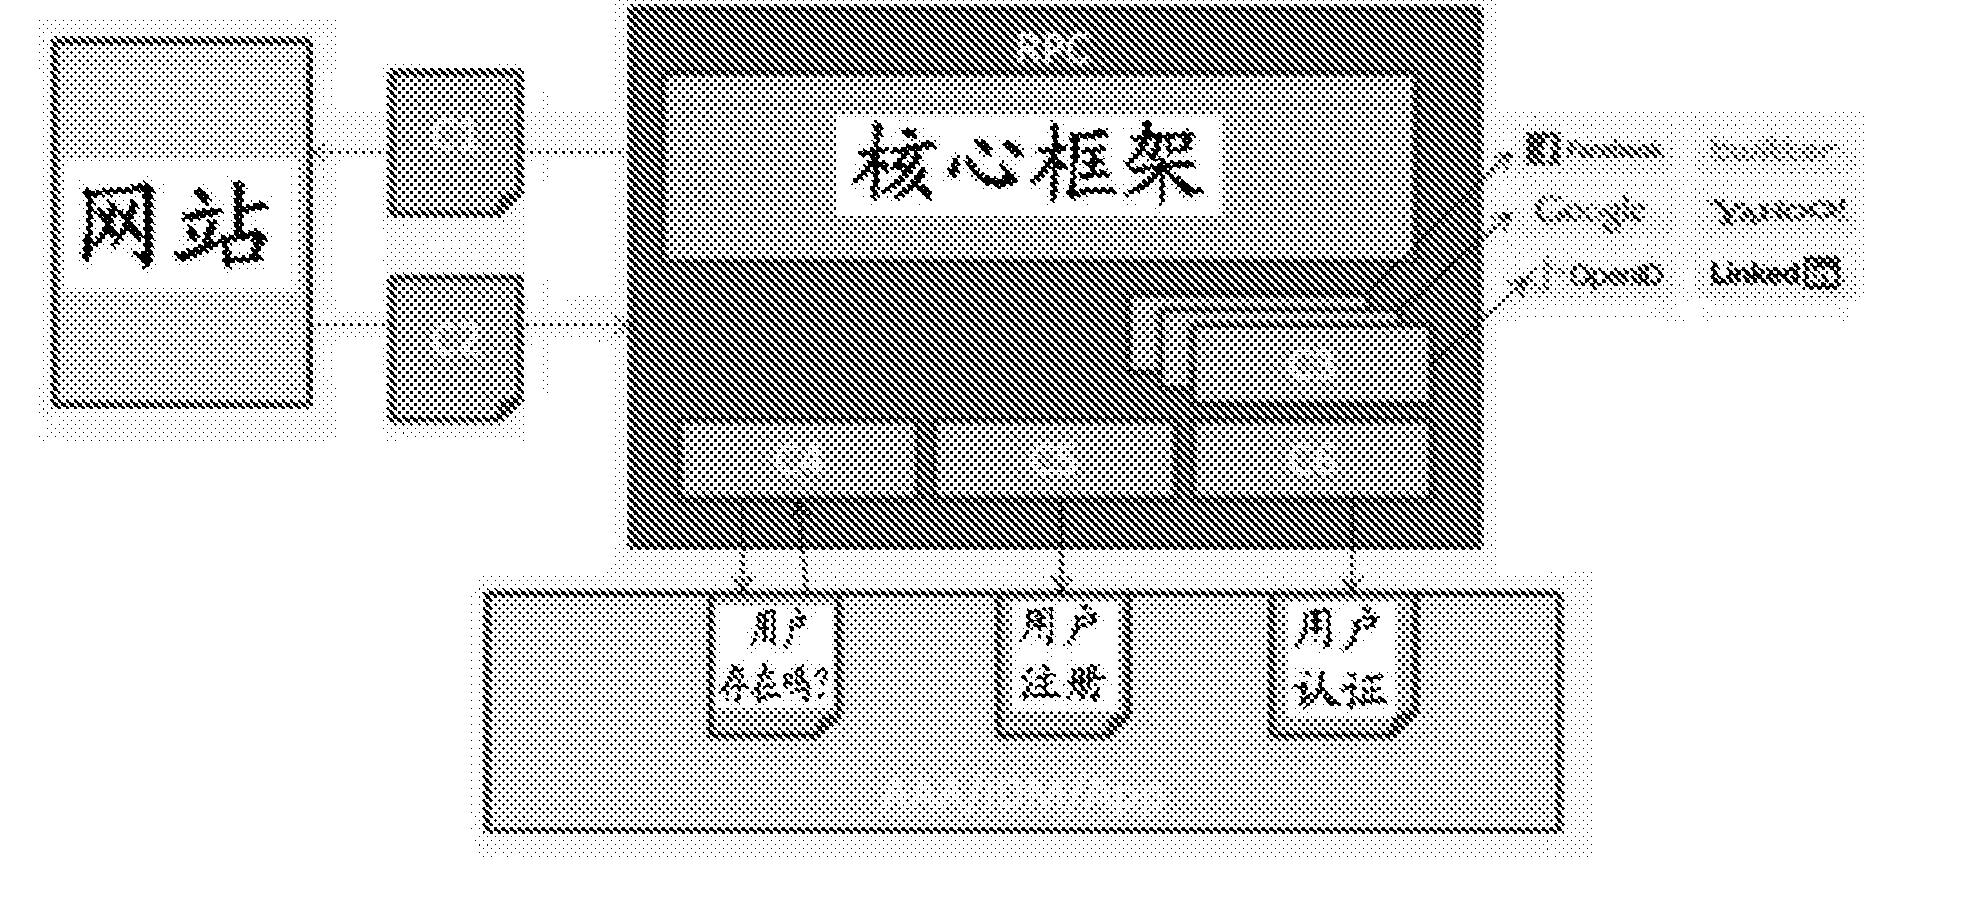 Figure CN104255007BD00411